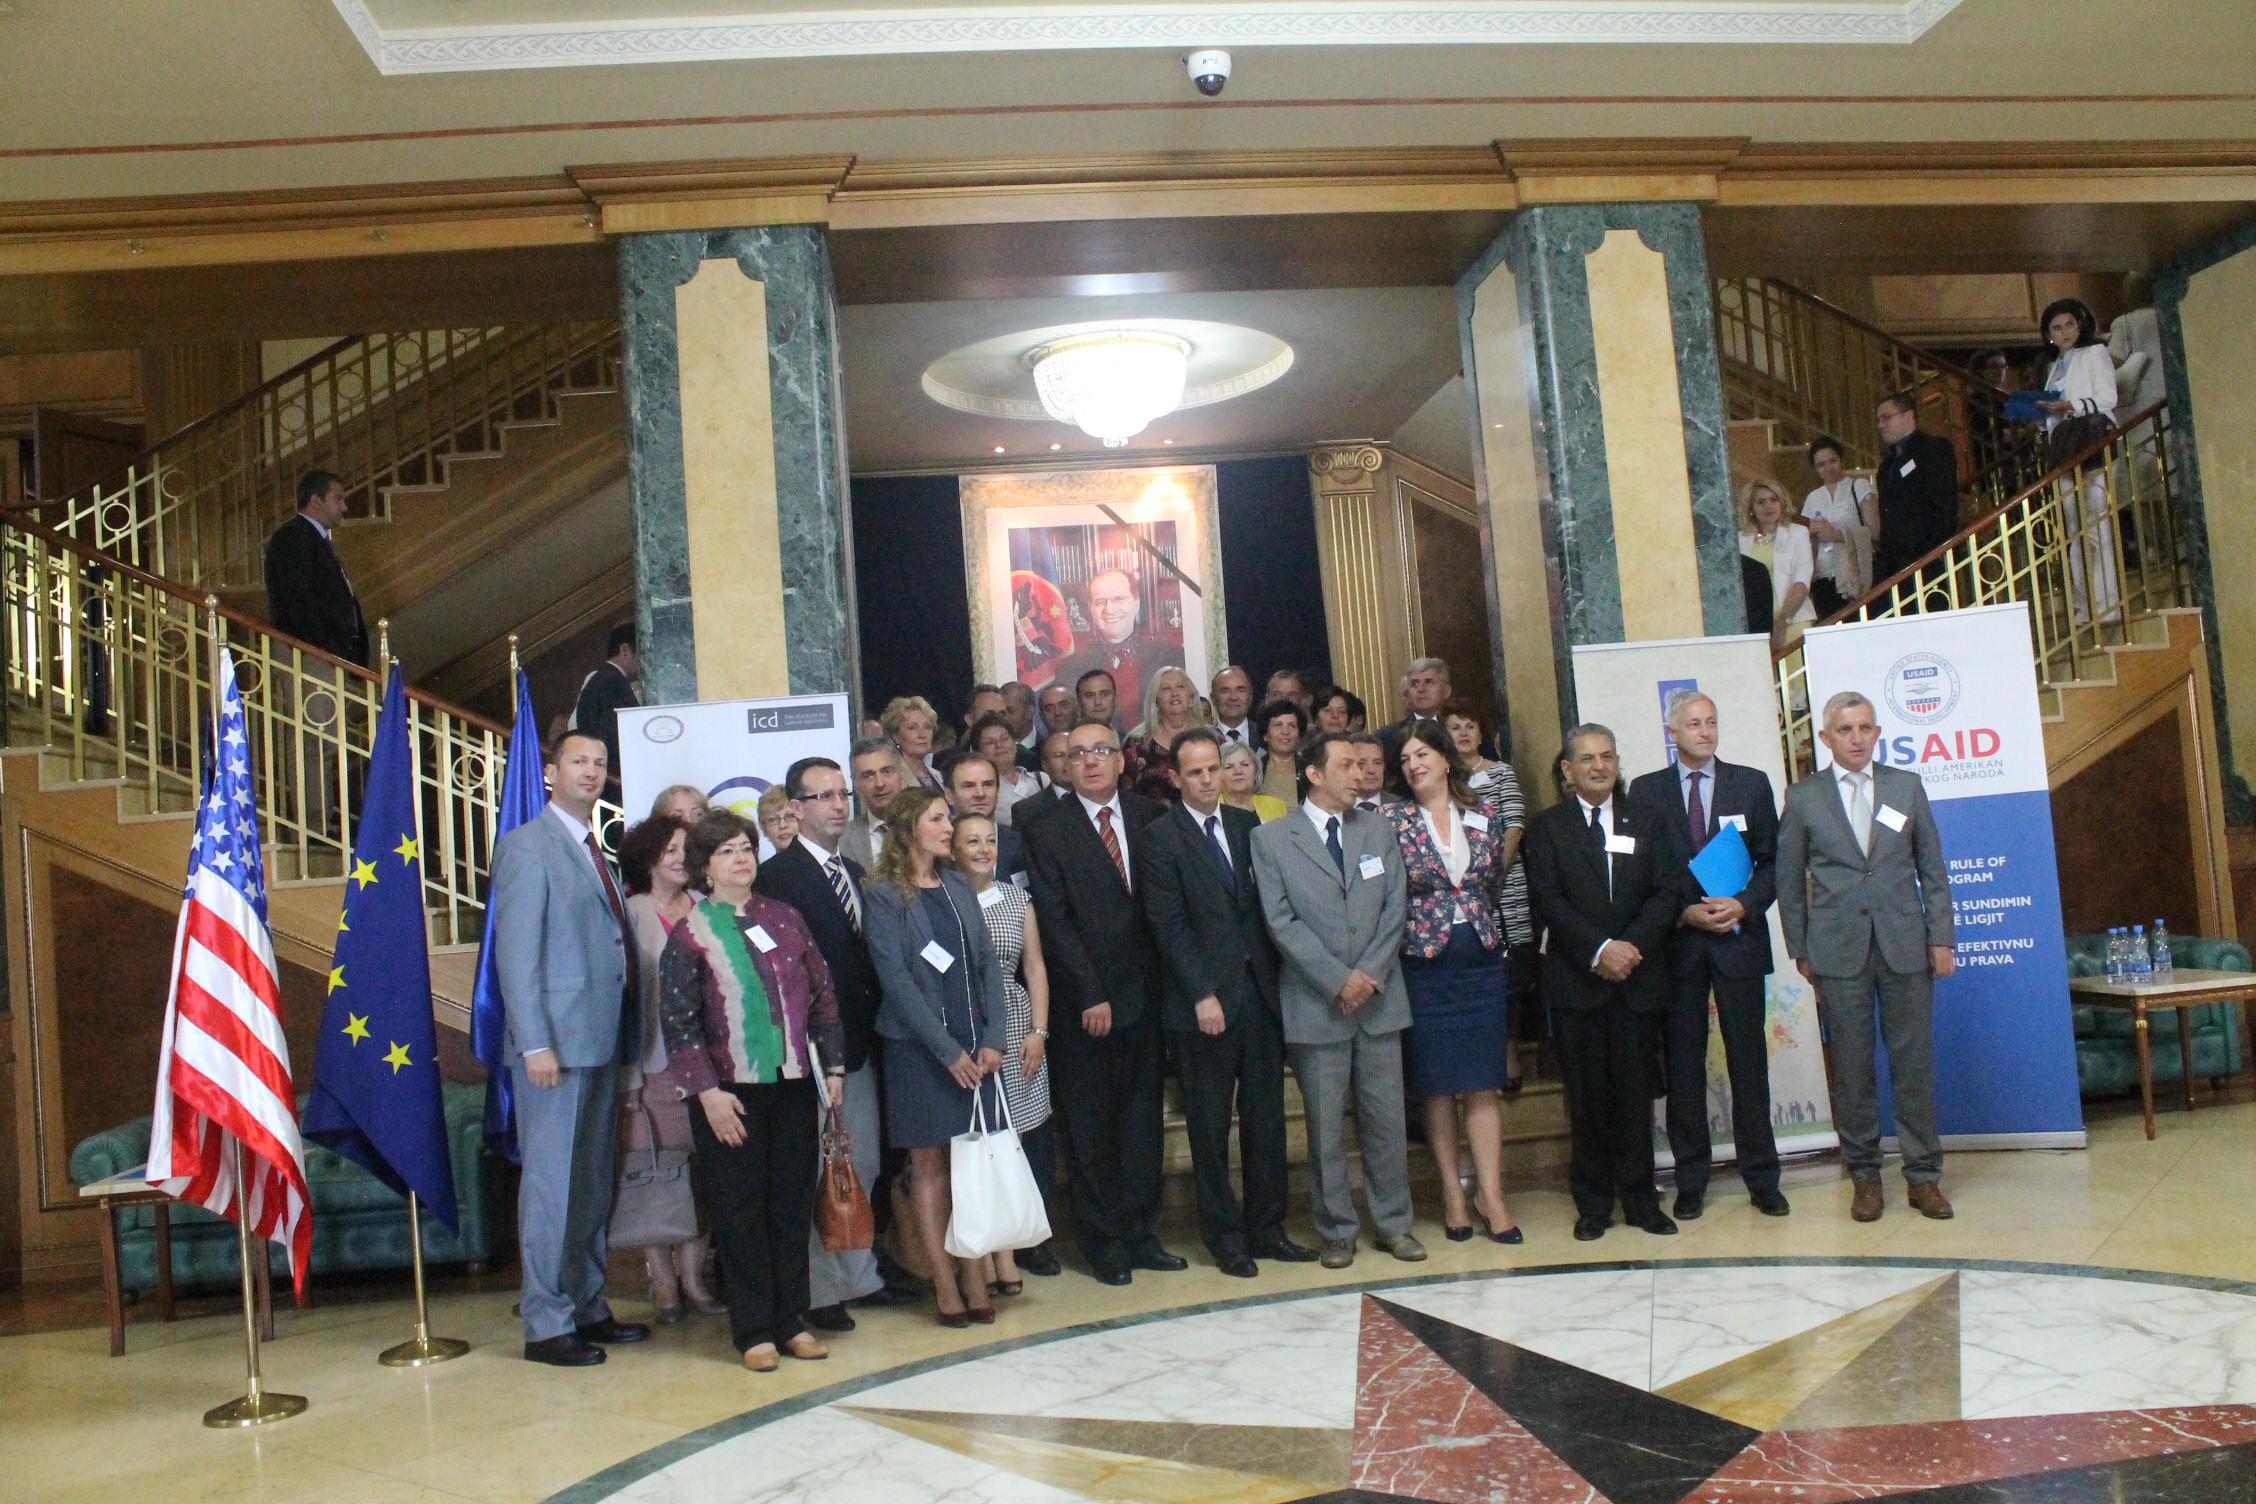 """U mbajt dita e parë e """"Samitit të Kosovës për të drejtën ndërkombëtare dhe të drejtat e njeriut 2015"""""""